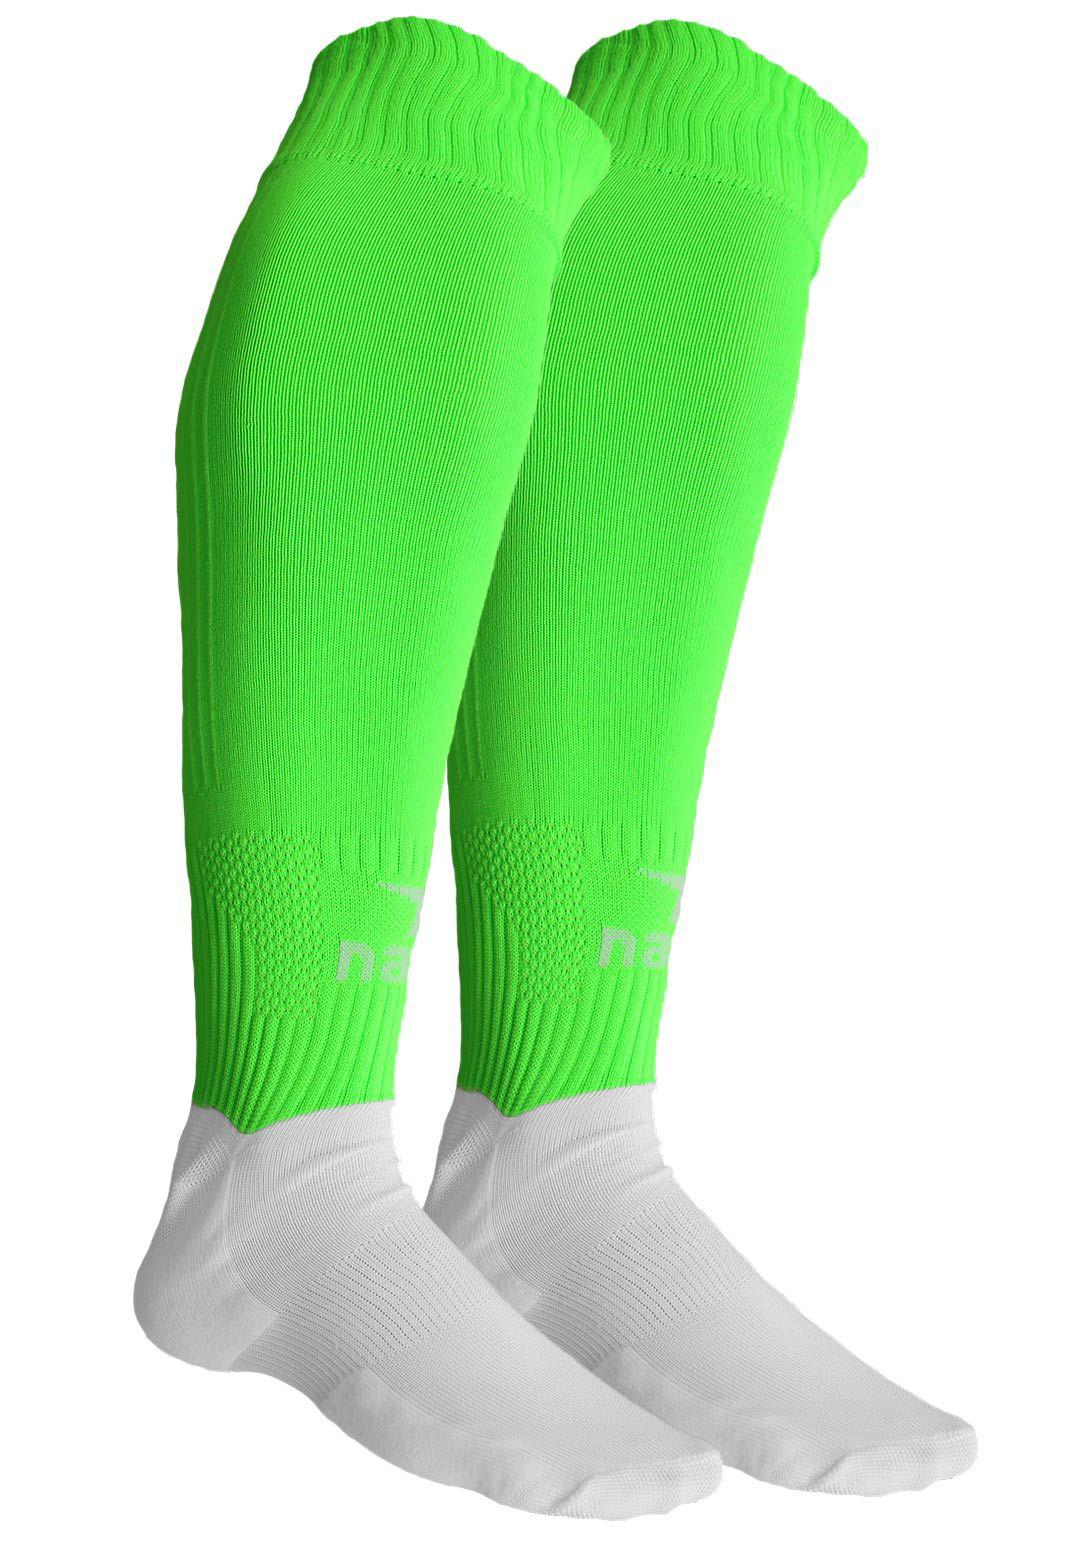 Meião Nakal Sensitive Verde Flúor